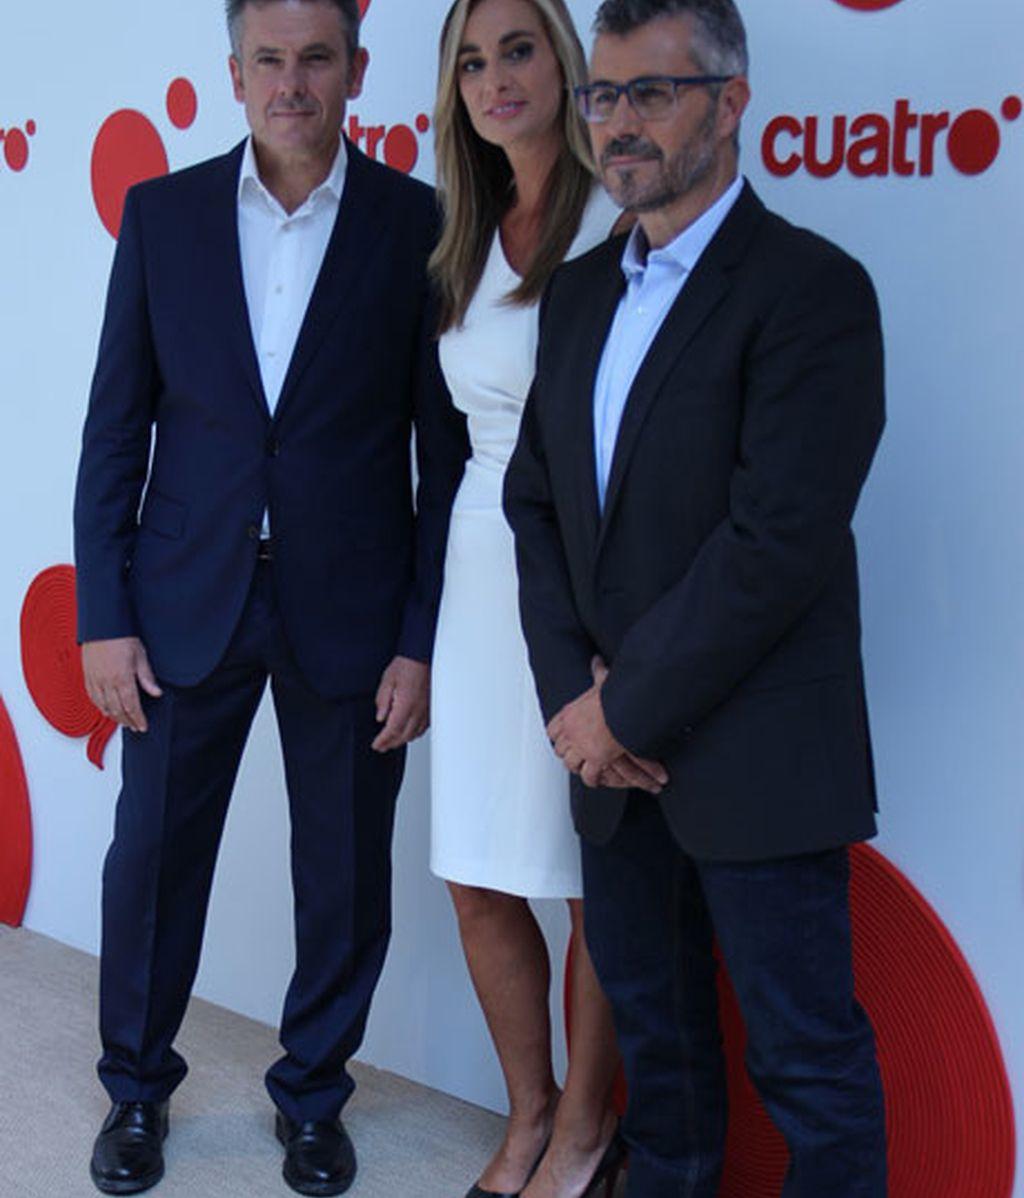 Miguel Ángel Oliver, Marta Reyer y Roberto Arce, presentadores de informativos Cuatro